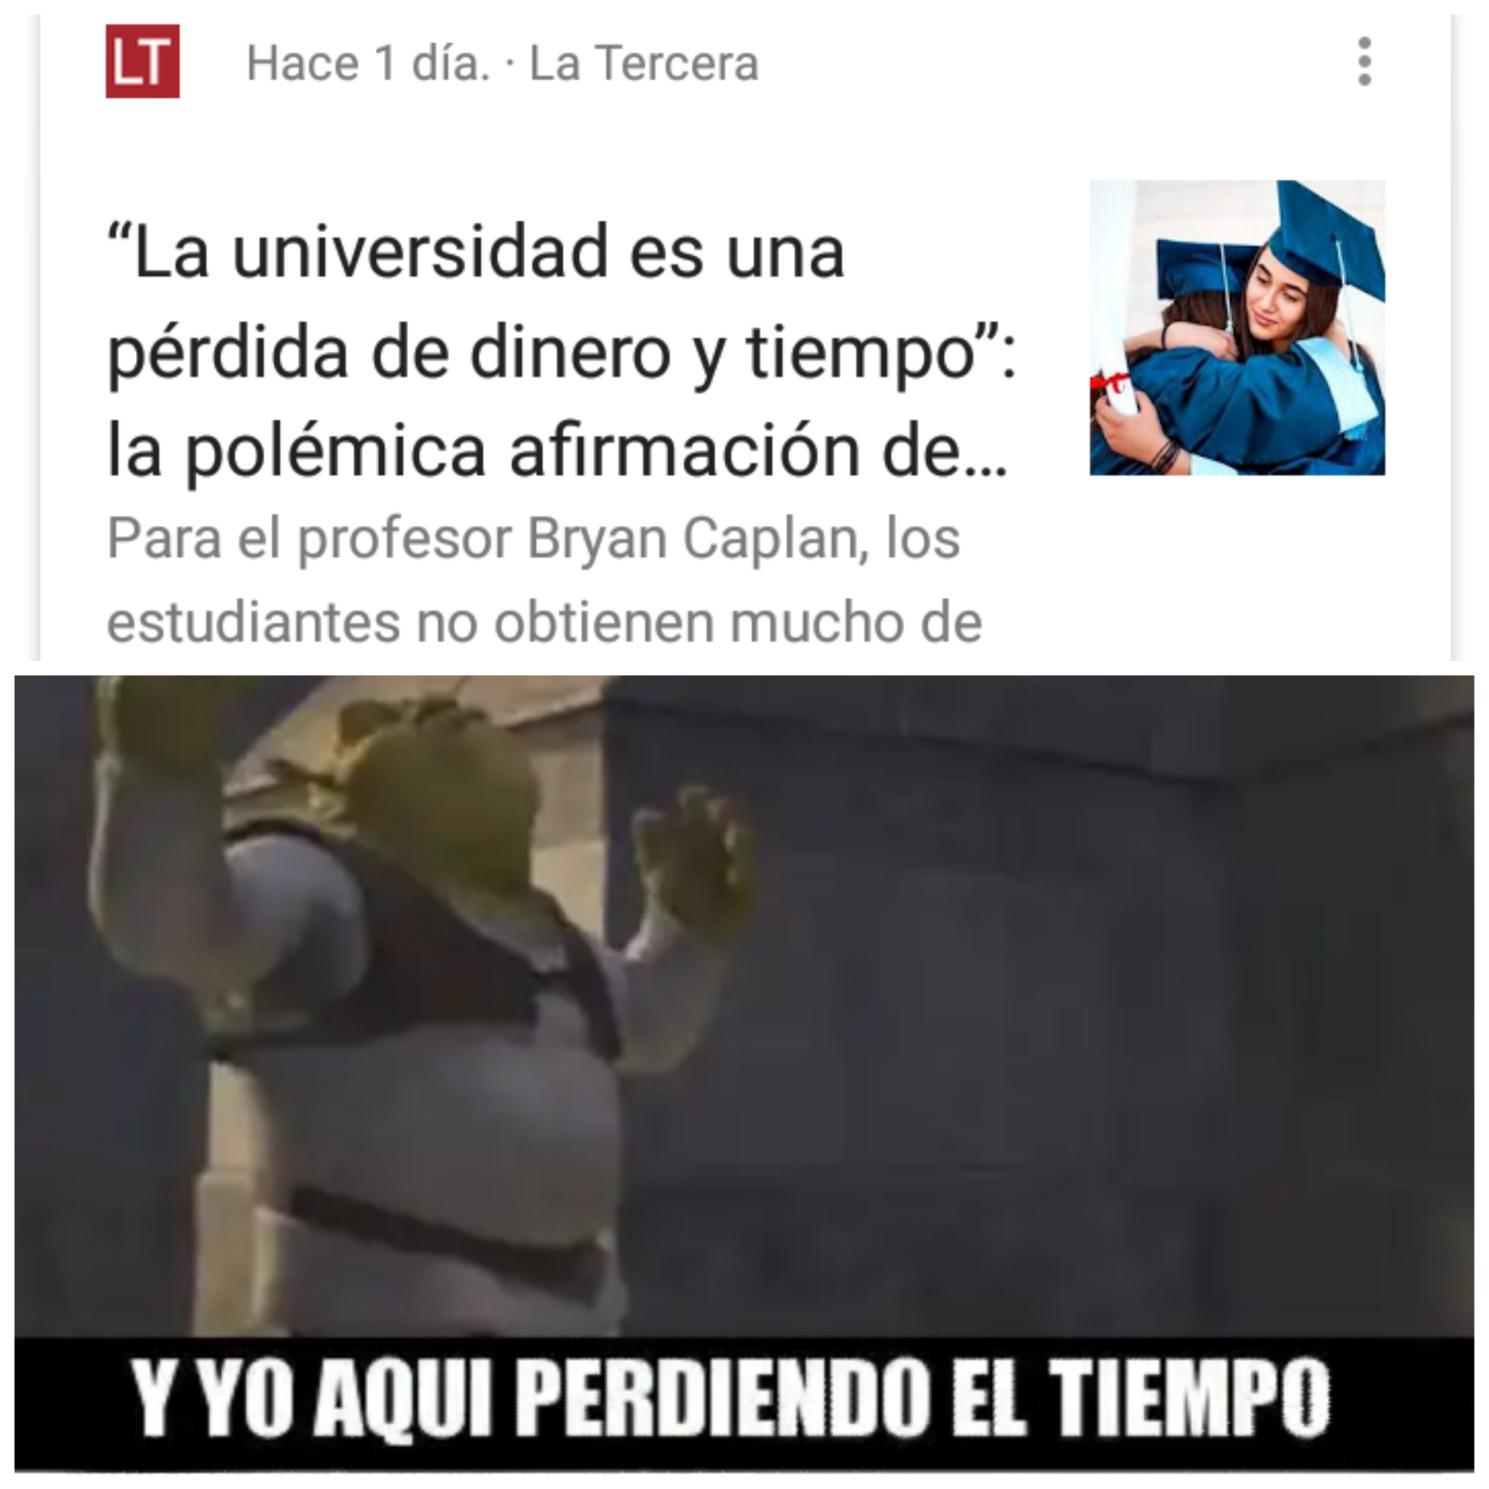 Ya no mas estudio - meme